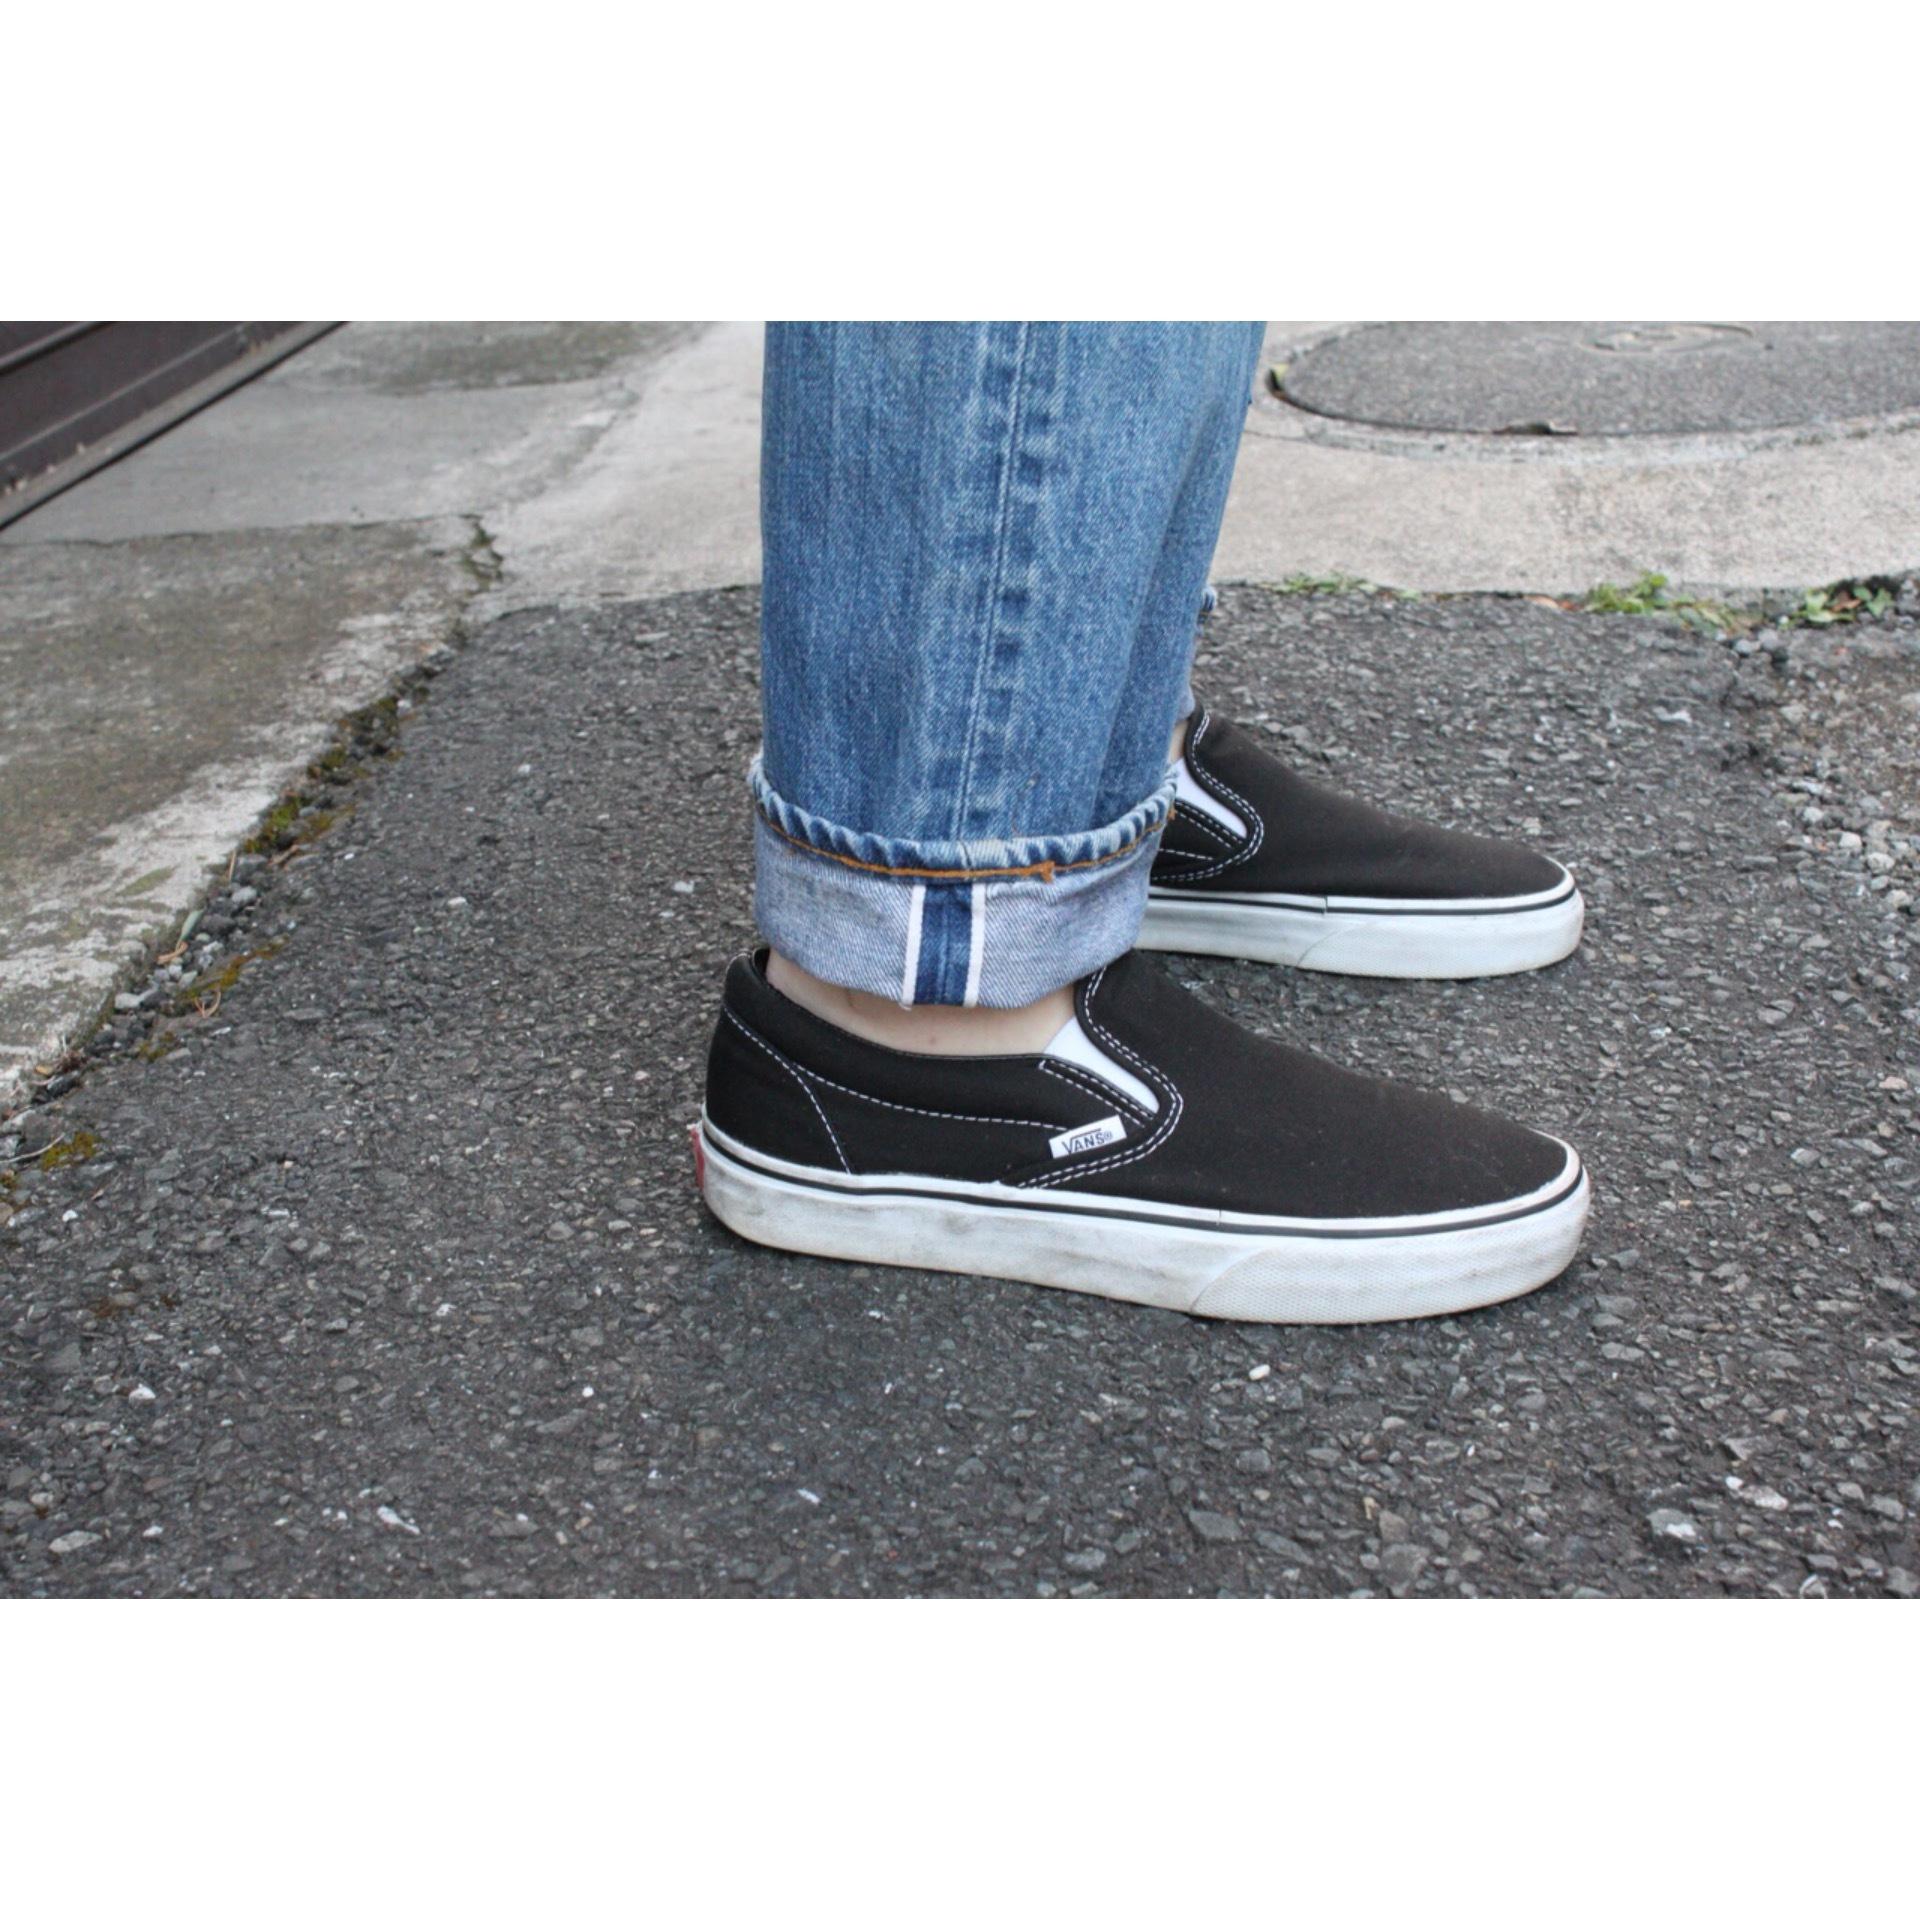 Vintage 70's Levi's 501 jeans